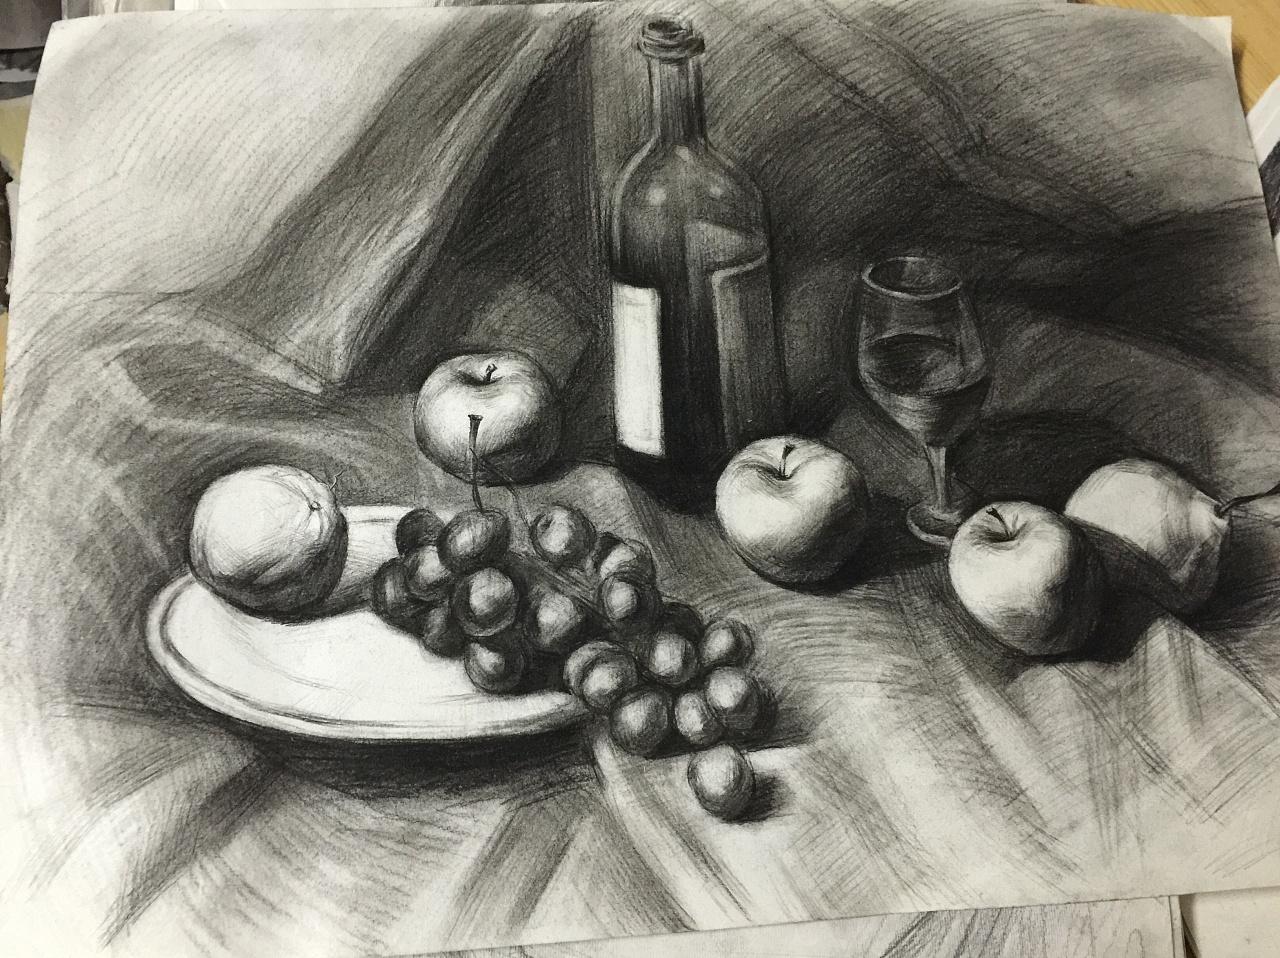 素描水果 图片合集